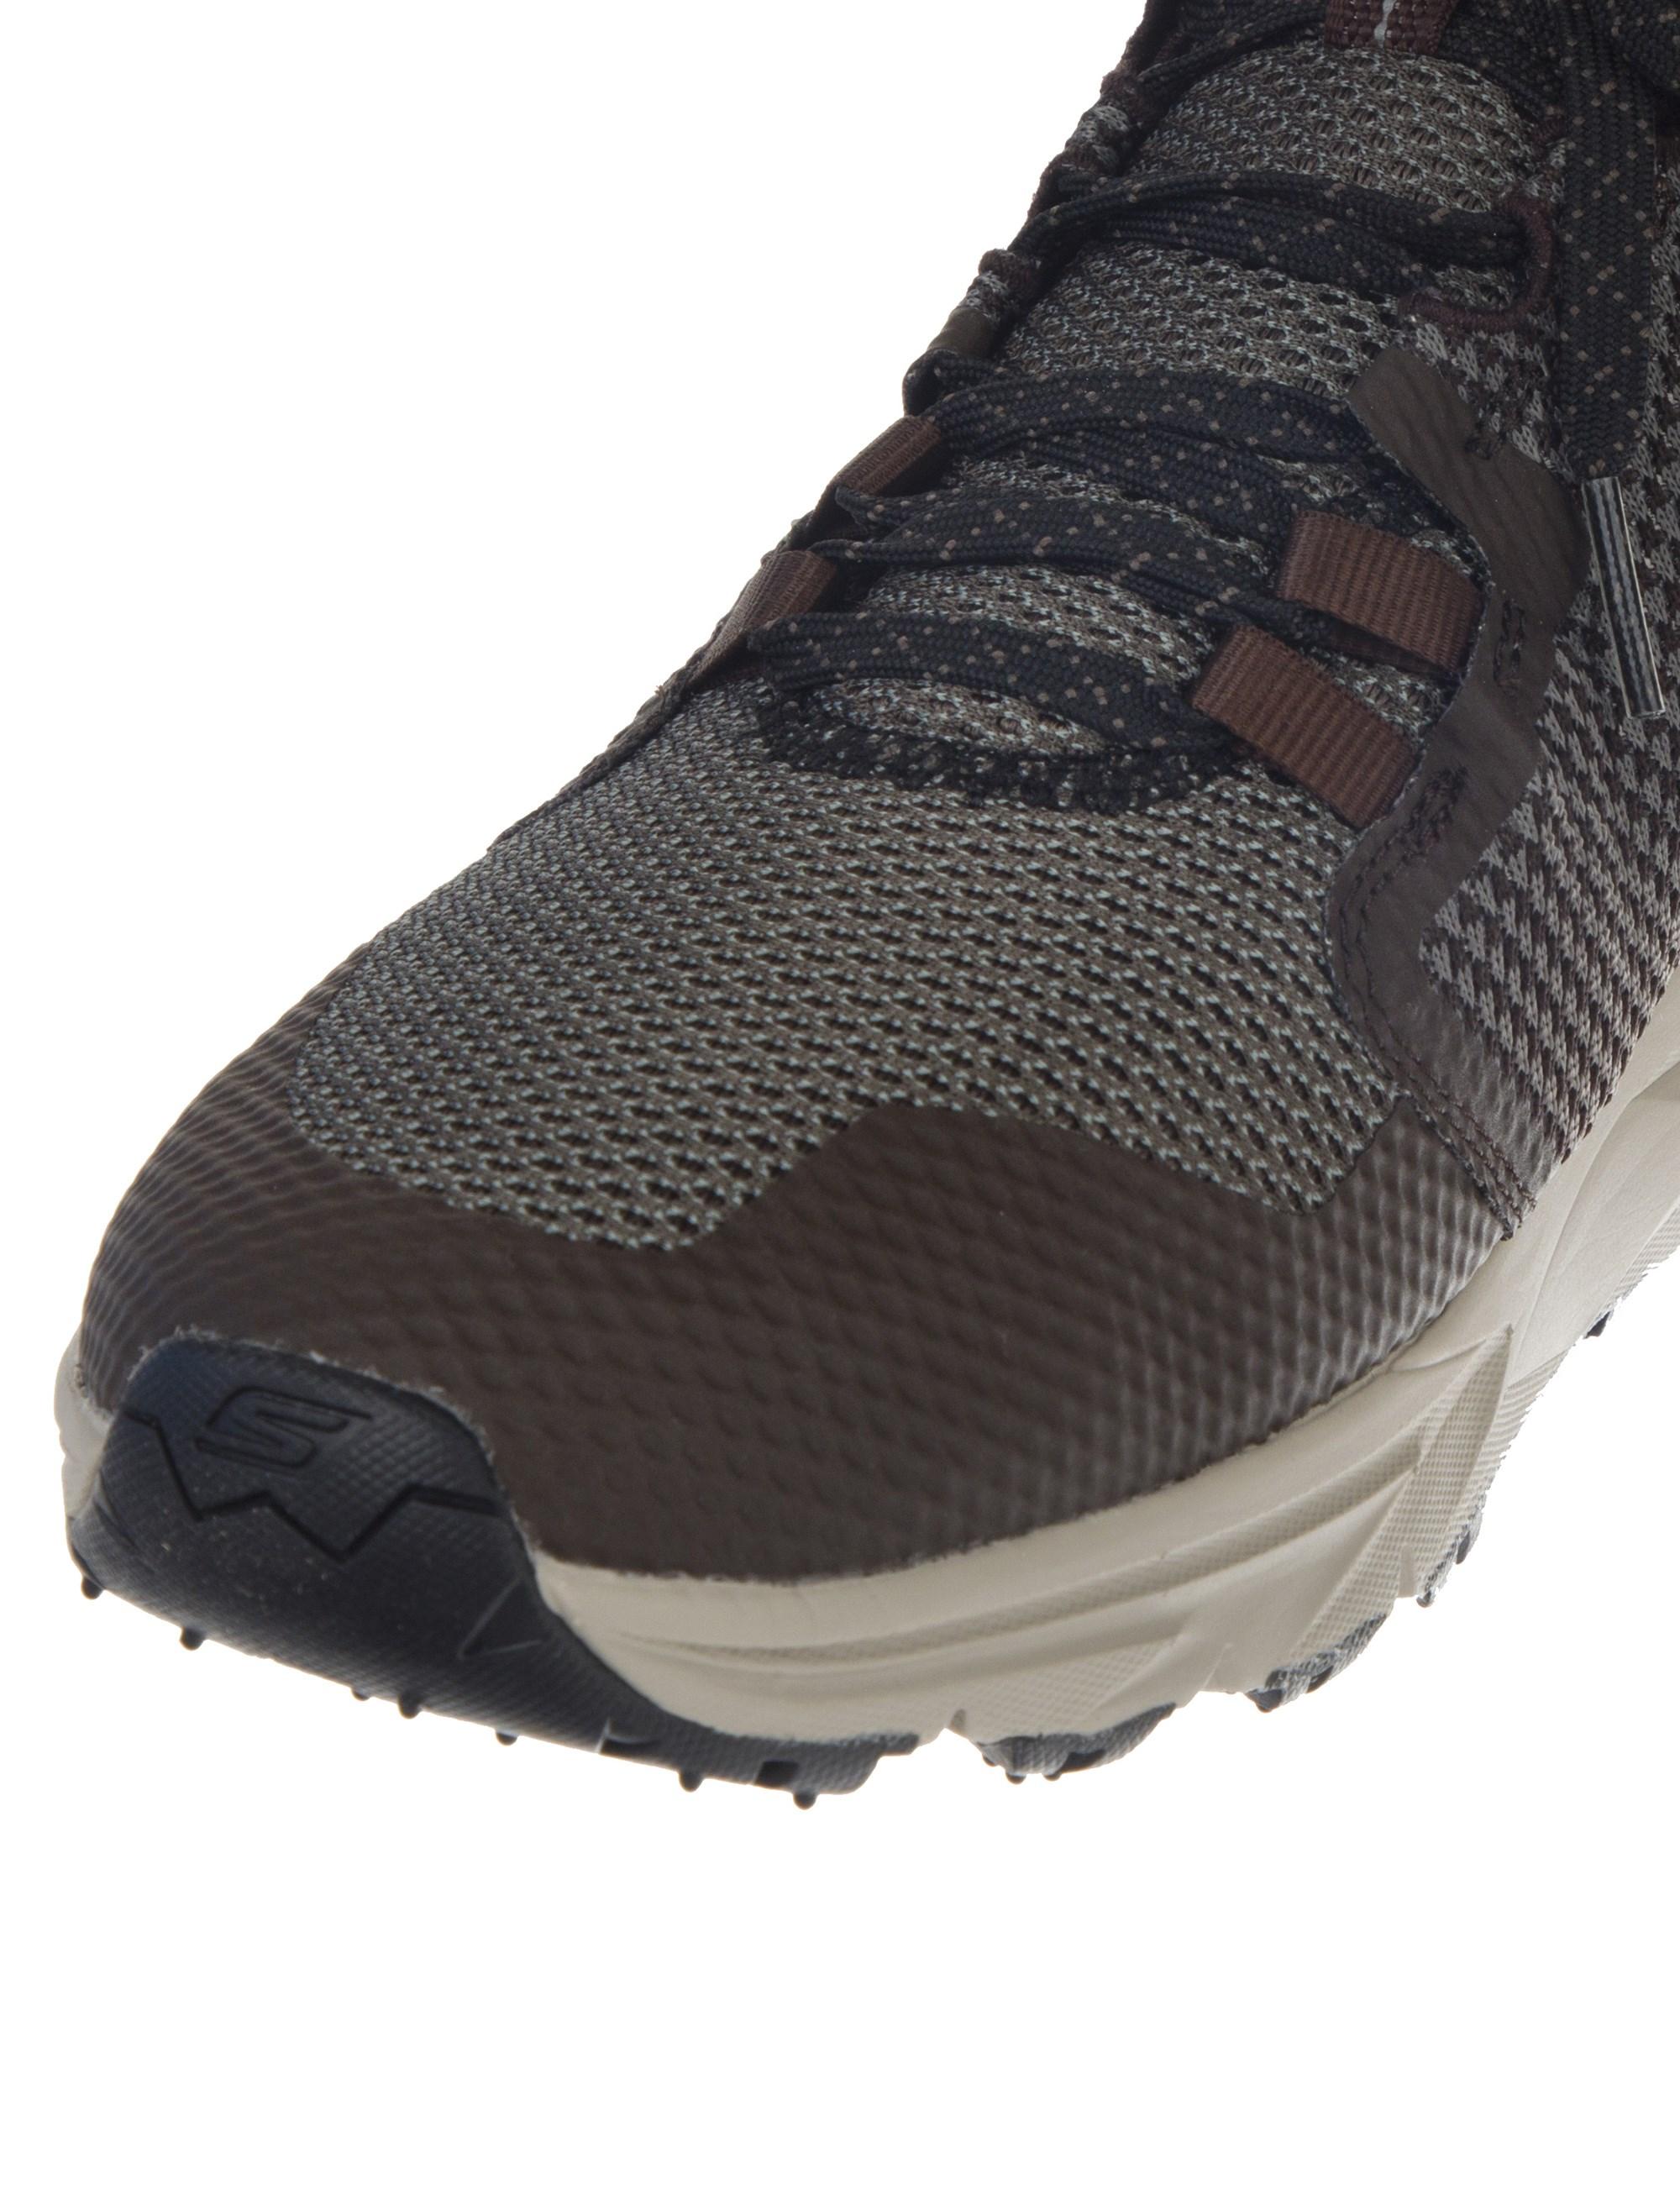 کفش دویدن بندی مردانه Gotrail 2 - اسکچرز